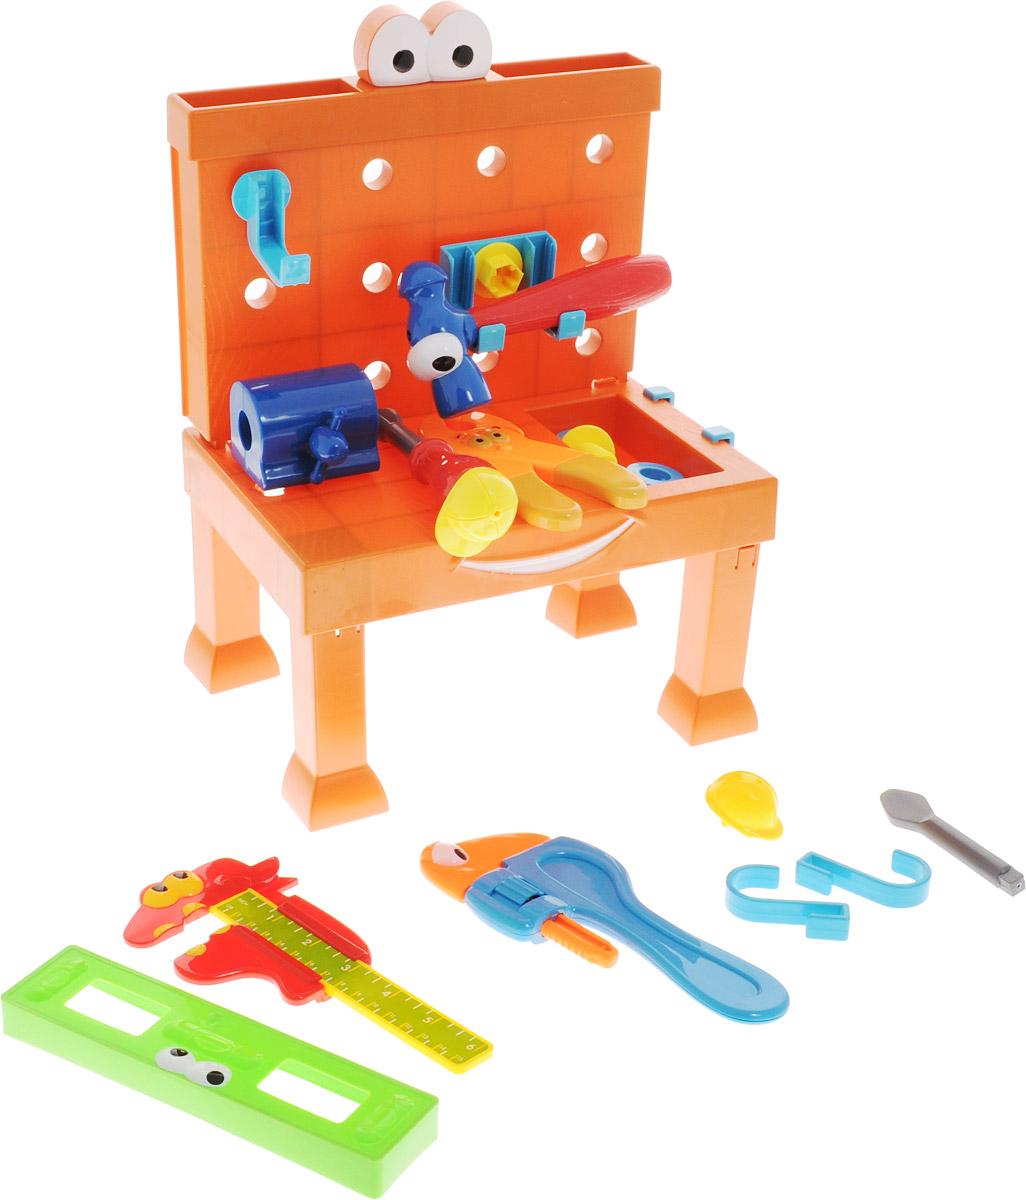 Boley Игровой набор Мастерская с рабочим столом уровнем и зажимом31171C_вид 2Игровой набор Мастерская с рабочим столом - это великолепный подарок для юного строителя. Легкие и яркие пластиковые инструменты сделают вашу домашнюю мастерскую безопасной для ребенка. В наборе имеется складной рабочий стол, на котором легко разместятся многочисленные игрушечные инструменты. К стенке стола можно приделать специальные крючки для более удобного хранения инструментов. Набор содержит молоток, зажим, клещи, уровень, отвертку и винты с гайками. Все предметы оформлены забавными личиками с глазками. А отвертка и зажим даже могут примерить строительные каски! Игрушки помогут маленькому мастеру познакомиться с основными видами инструментов и получить навык работы с ними. Предметы, входящие в набор, замечательно подходят для дидактических и ролевых игр, знакомят с социальными ролями, развивают моторику ребенка. Порадуйте своего ребенка таким чудесным набором!